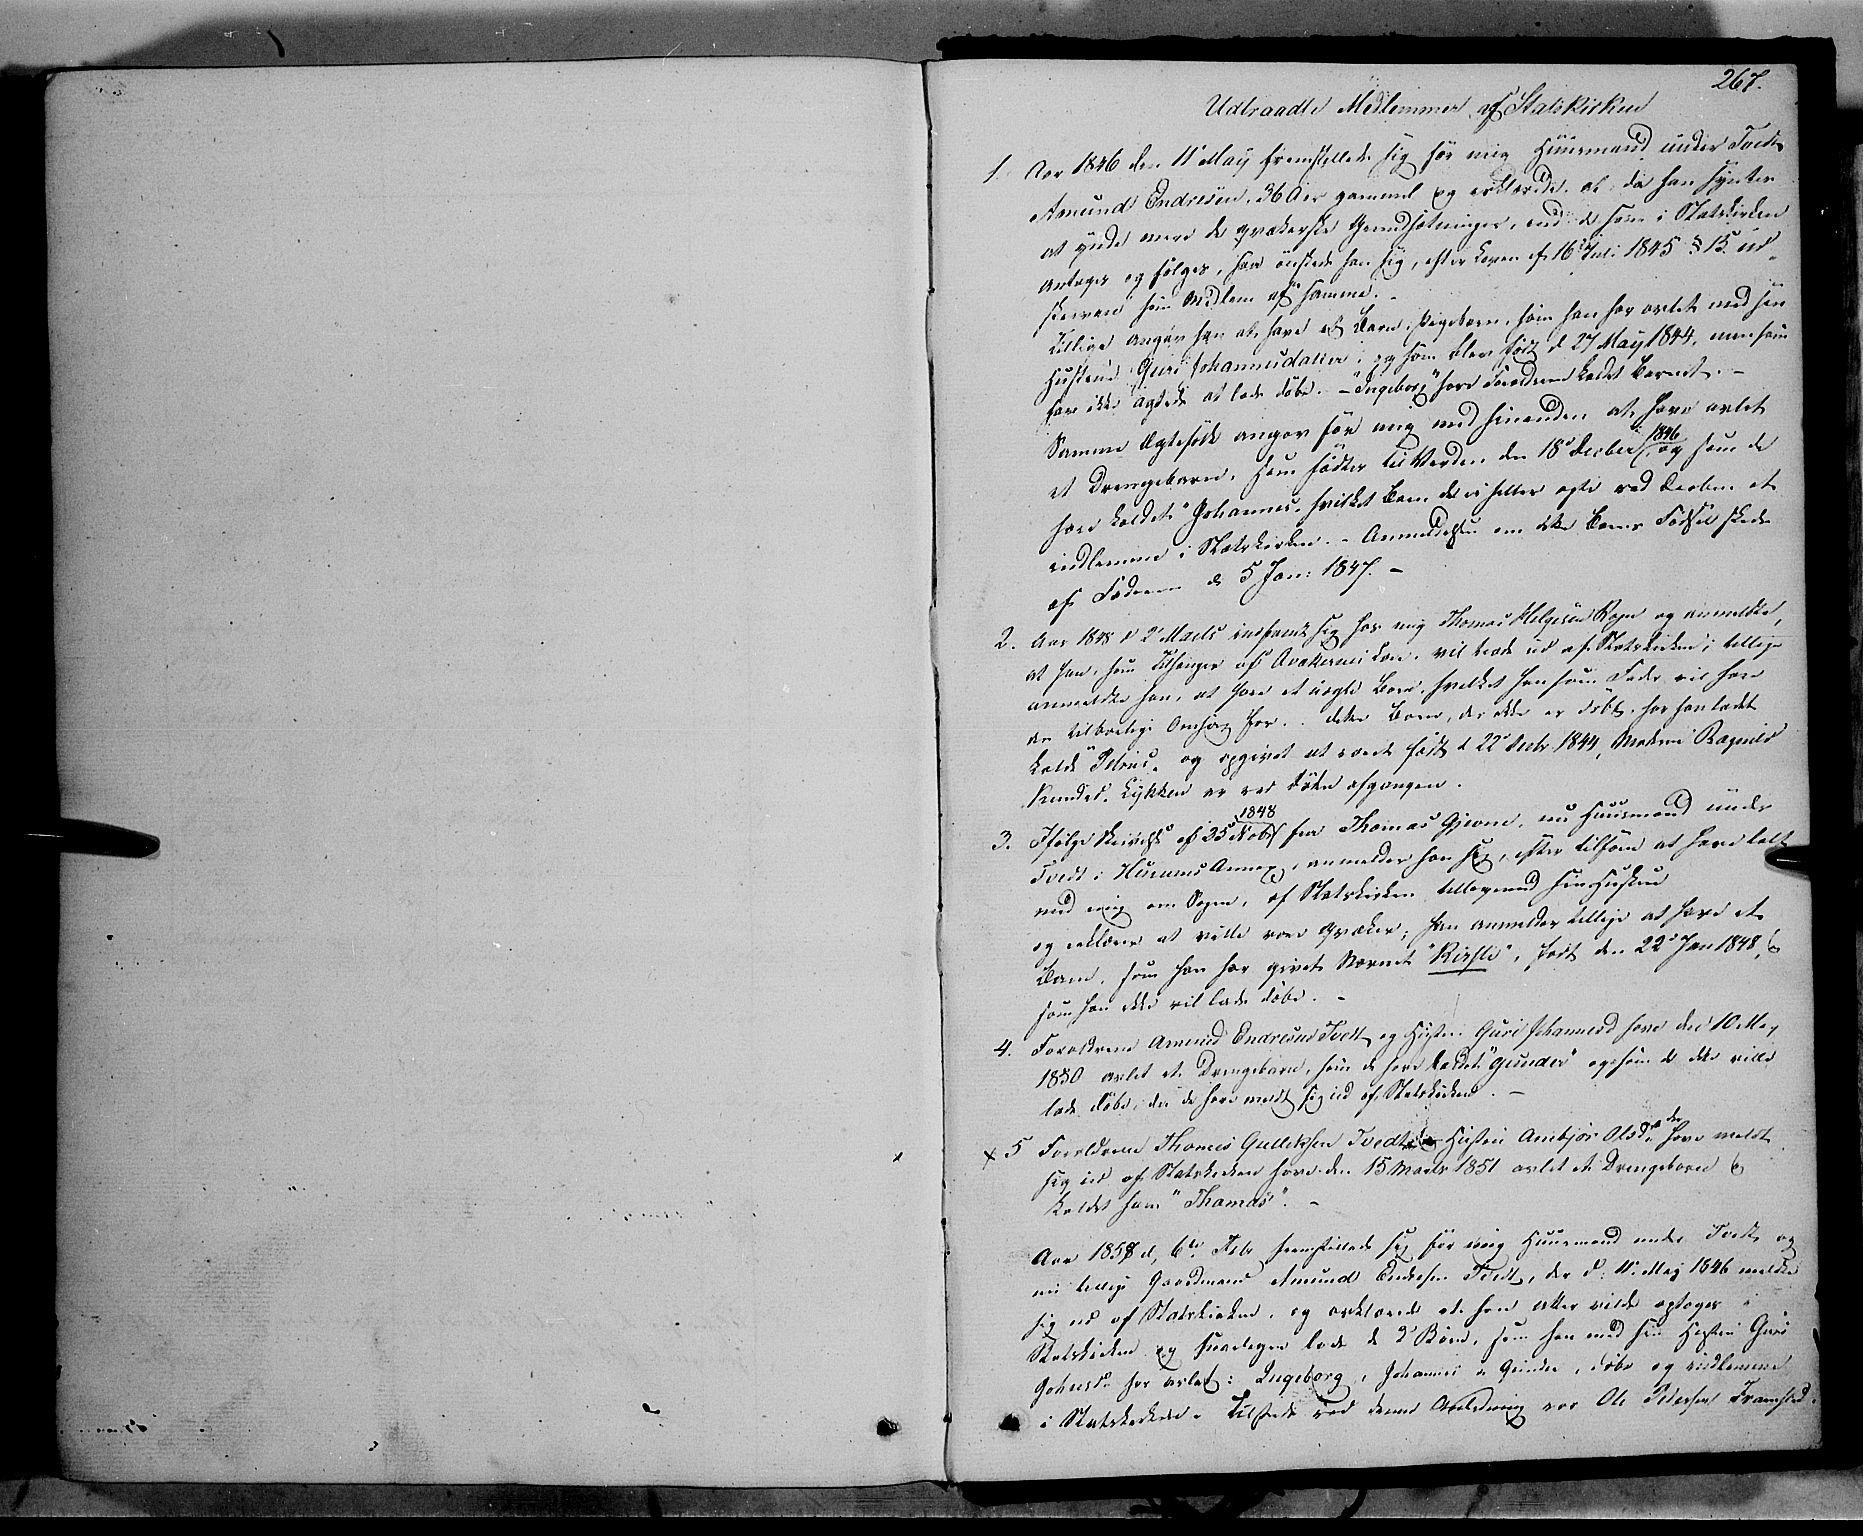 SAH, Vang prestekontor, Valdres, Ministerialbok nr. 6, 1846-1864, s. 267